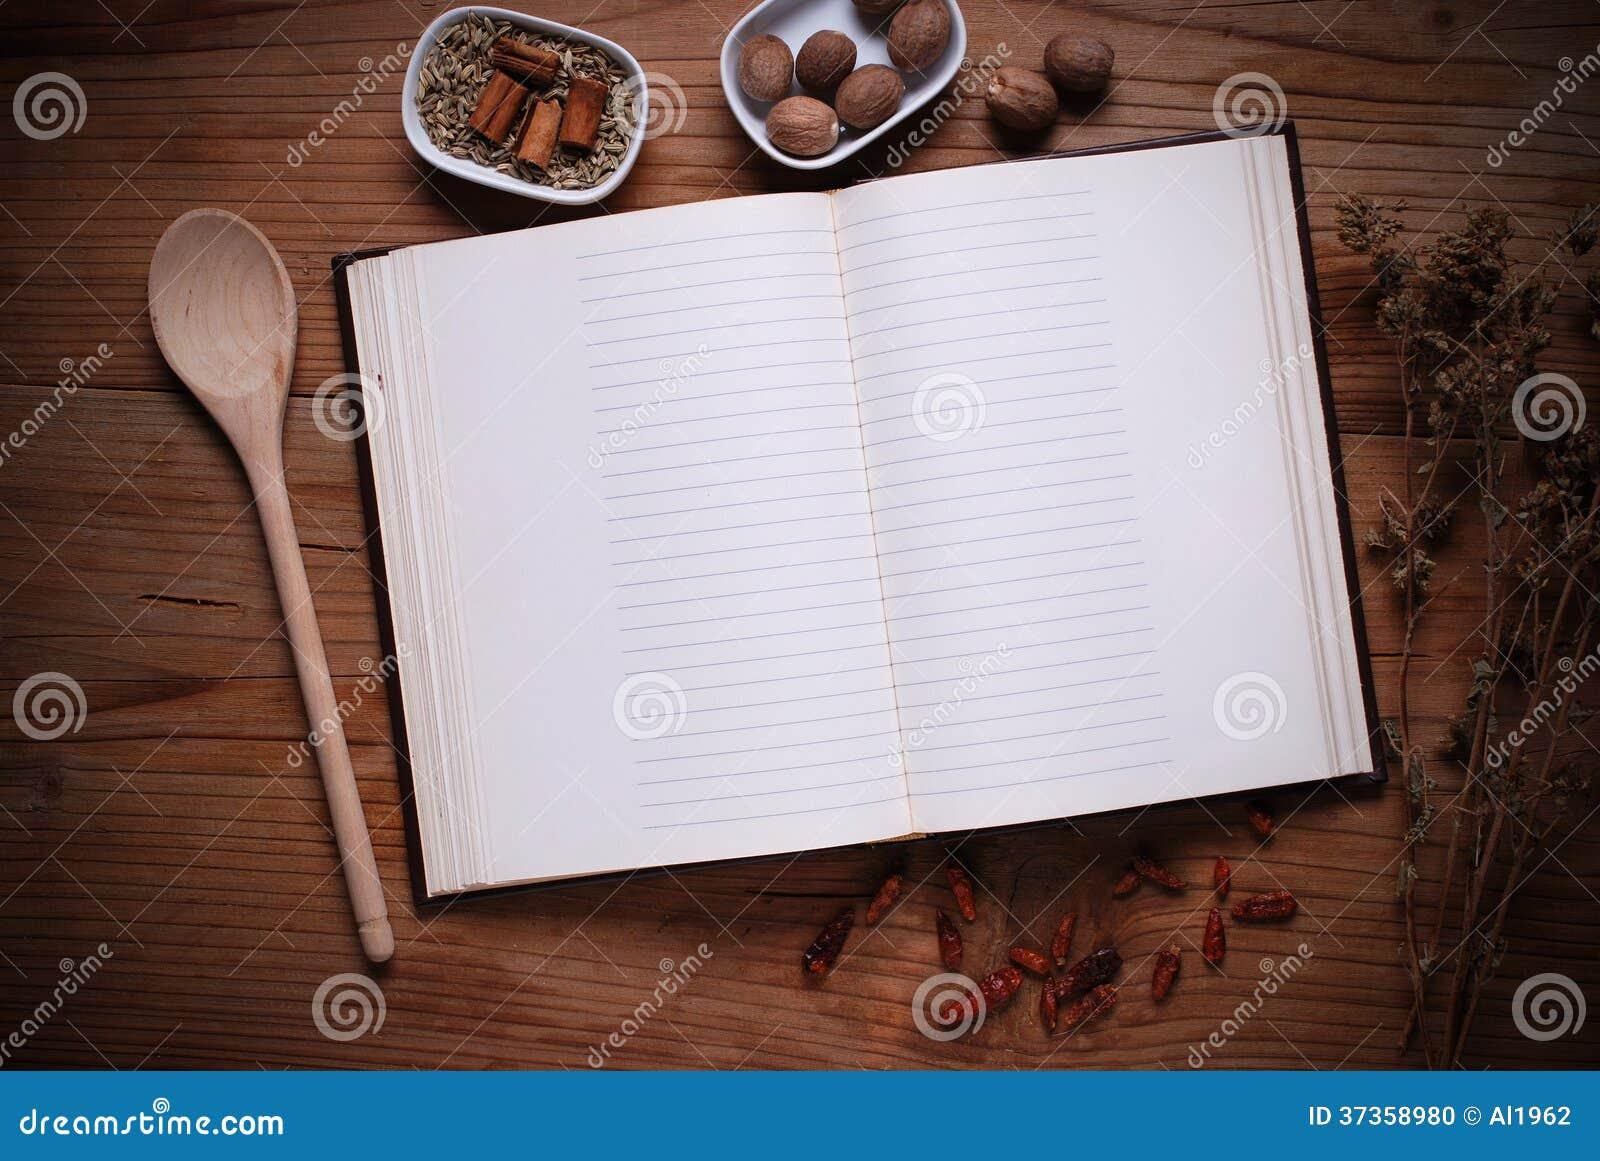 livre de cuisine sur la table photo stock image 37358980. Black Bedroom Furniture Sets. Home Design Ideas